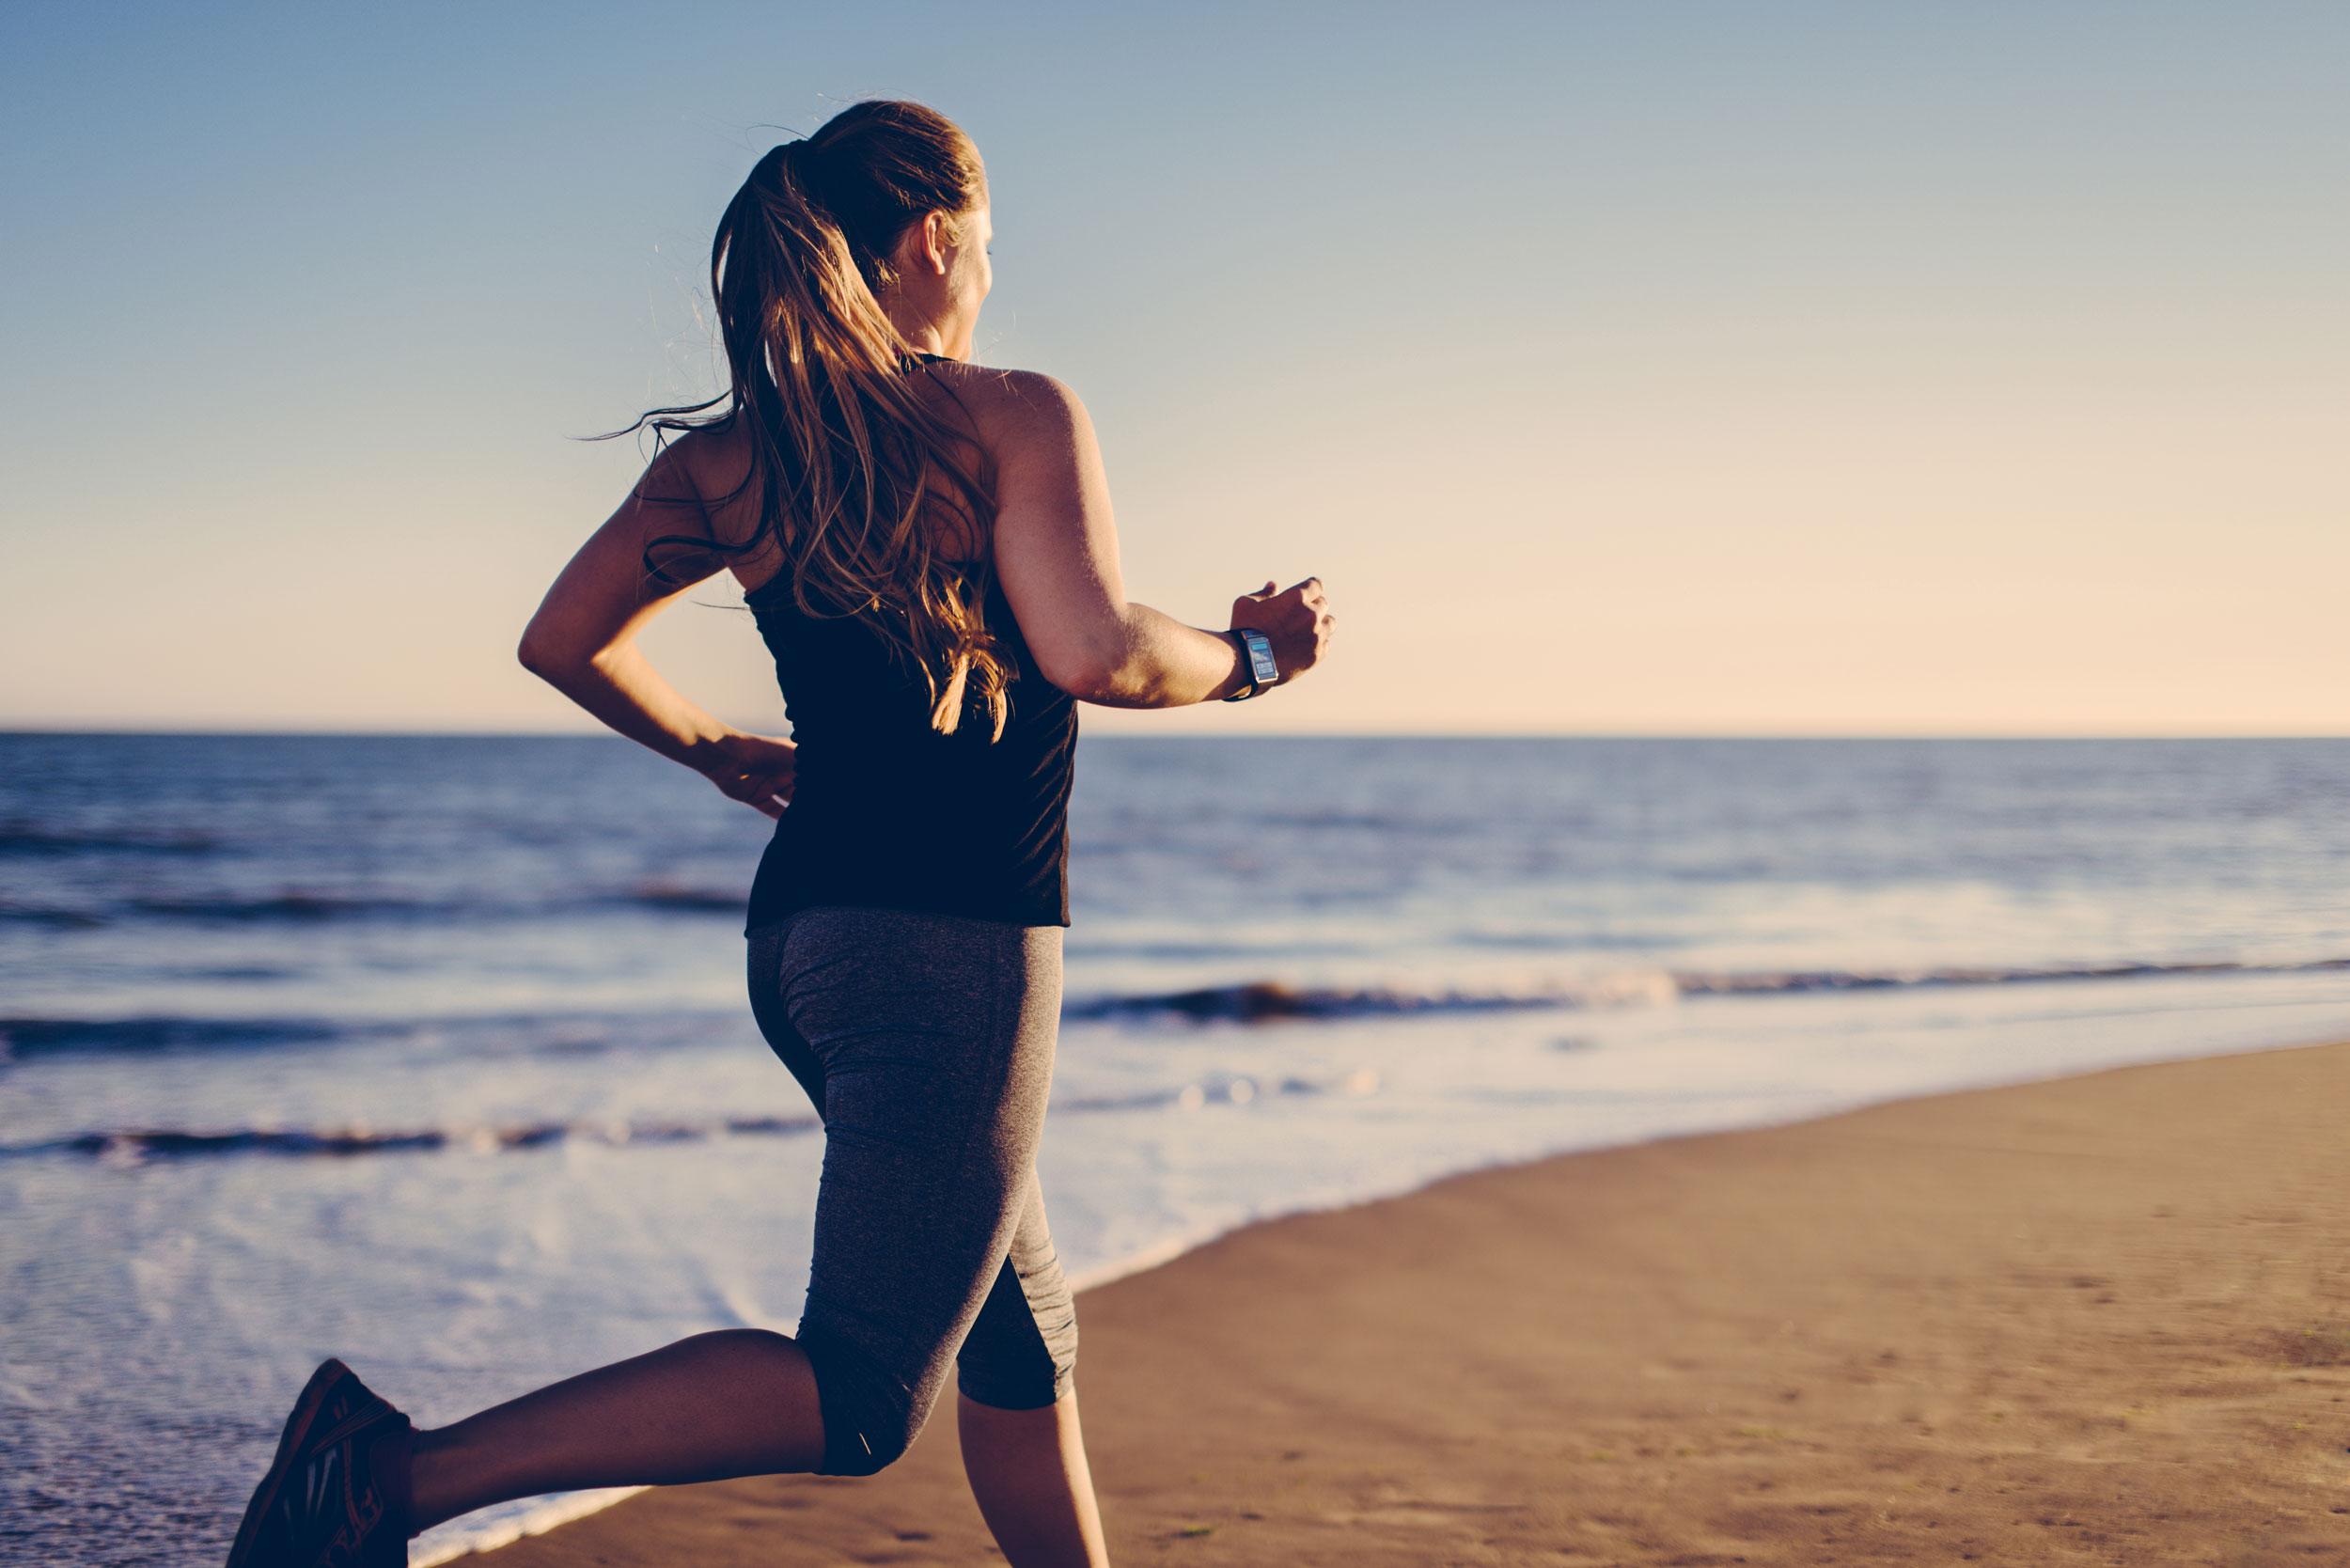 Θάλασσα Οφέλη Υγεία: Μια βόλτα στην παραλία είναι επωφελής για την υγεία σου [vid]